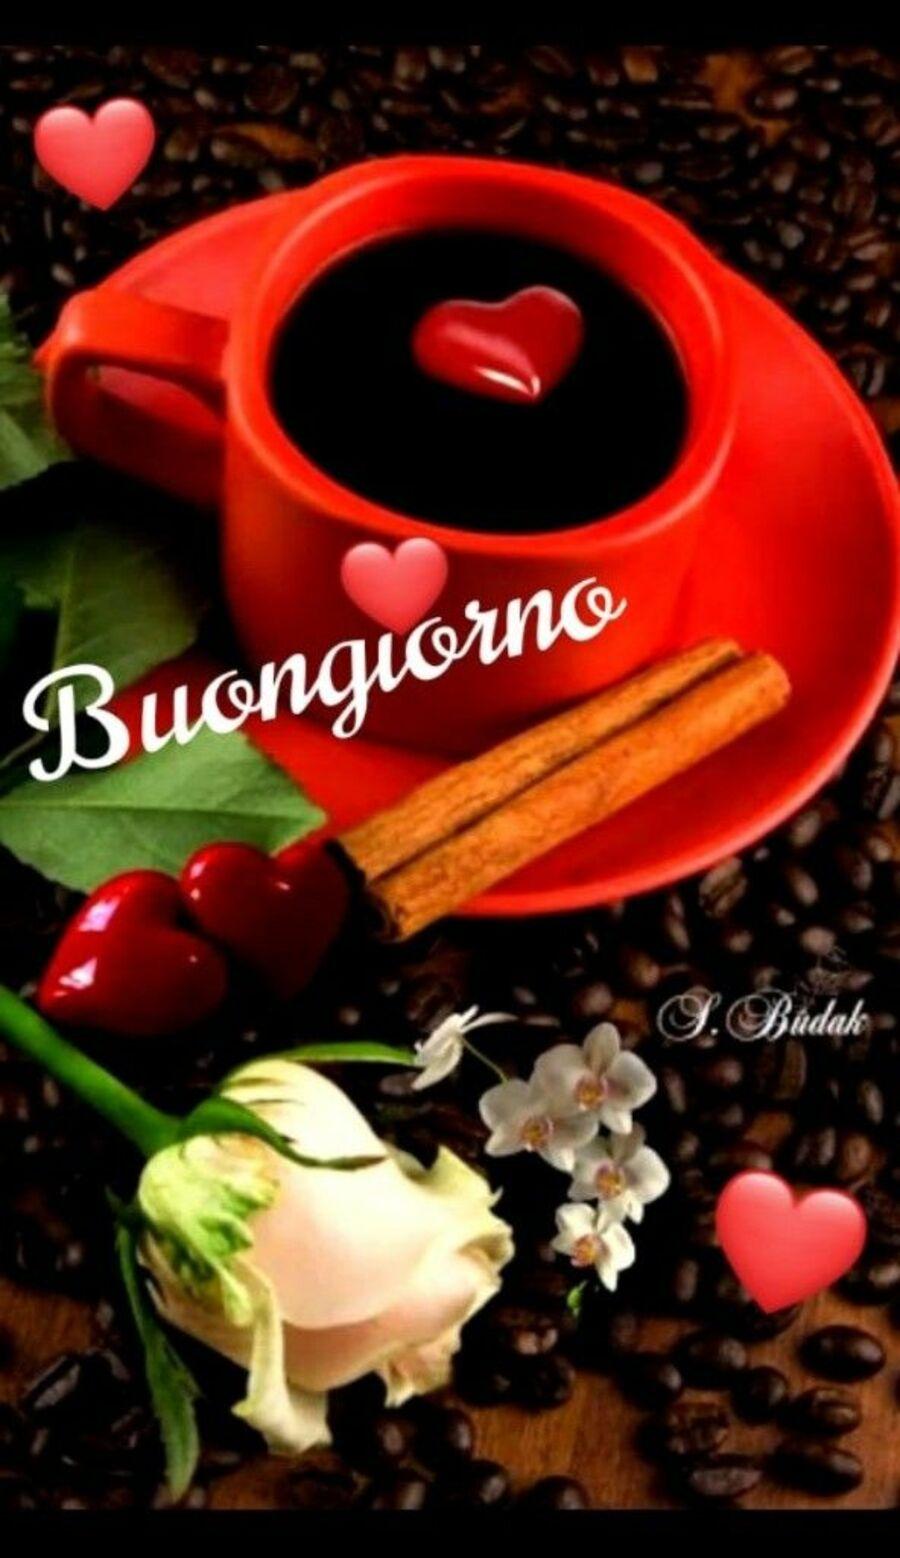 buongiorno-caffe-immagini-0952